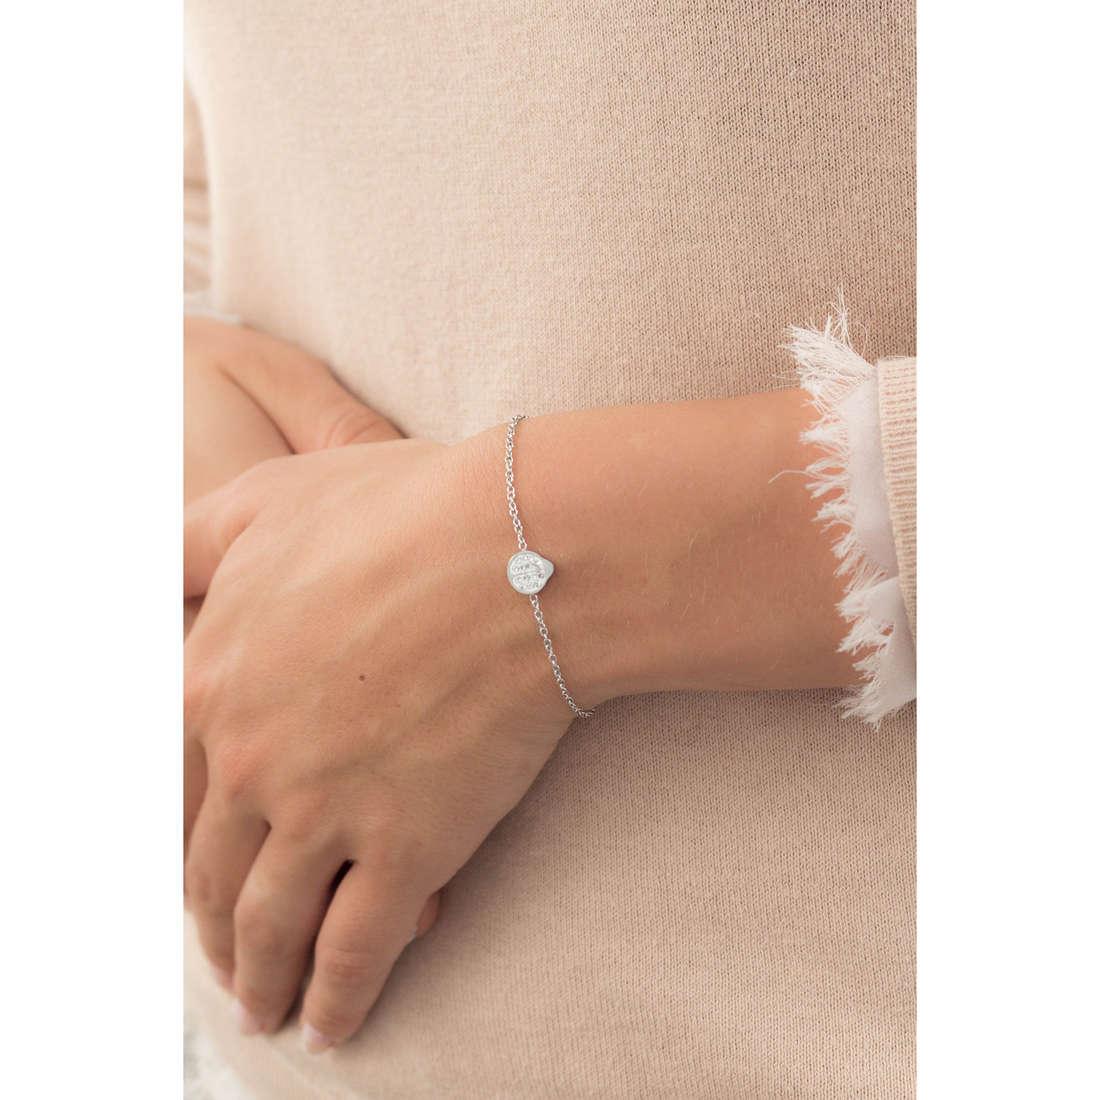 Marlù bracelets Time To femme 18BR049 indosso